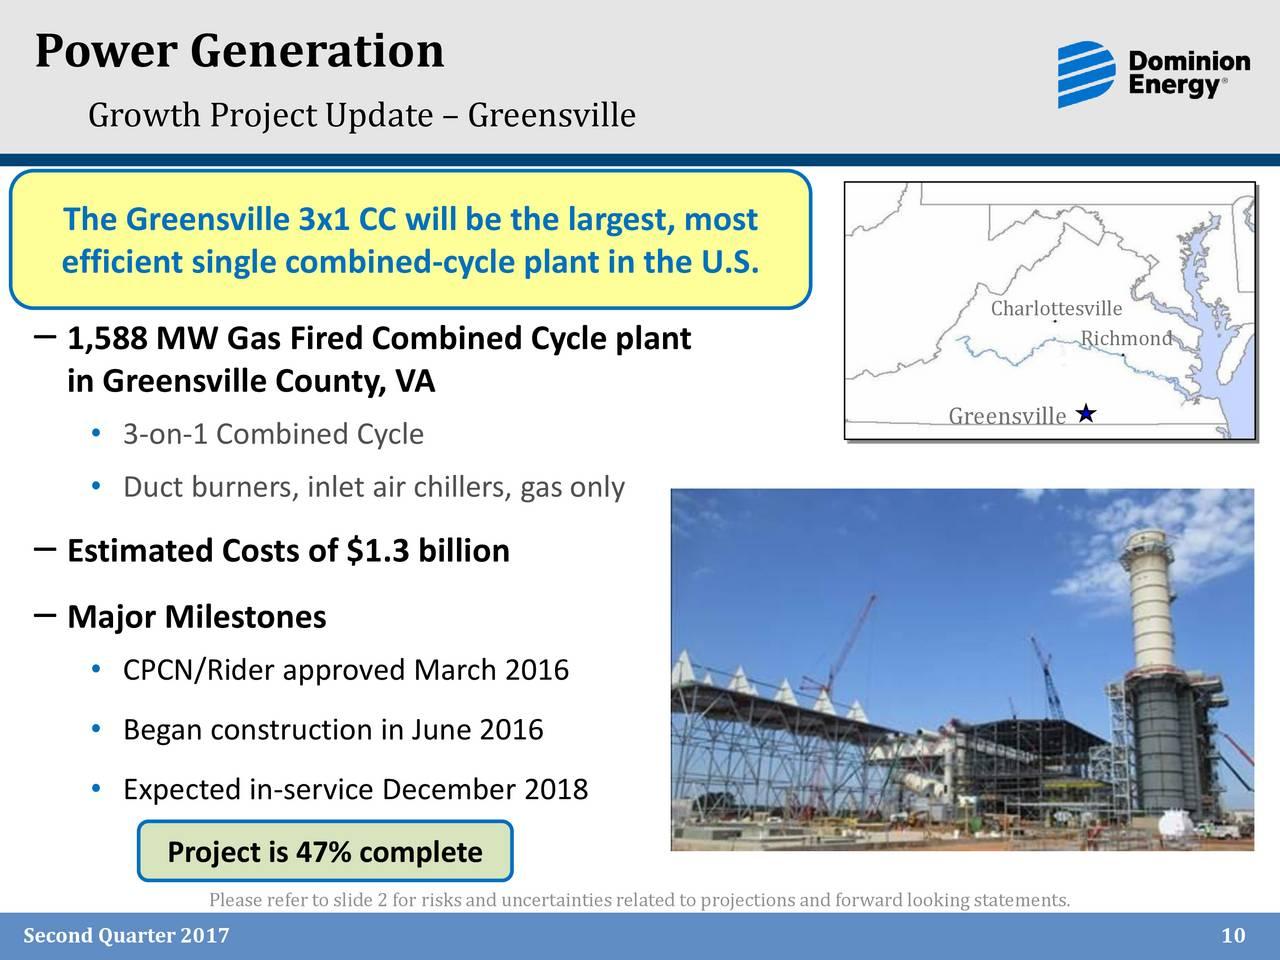 Die Dominion Resources, Inc. widmet sich der Erzeugung und dem Transport von Strom in den USA. Mehr anzeigen.